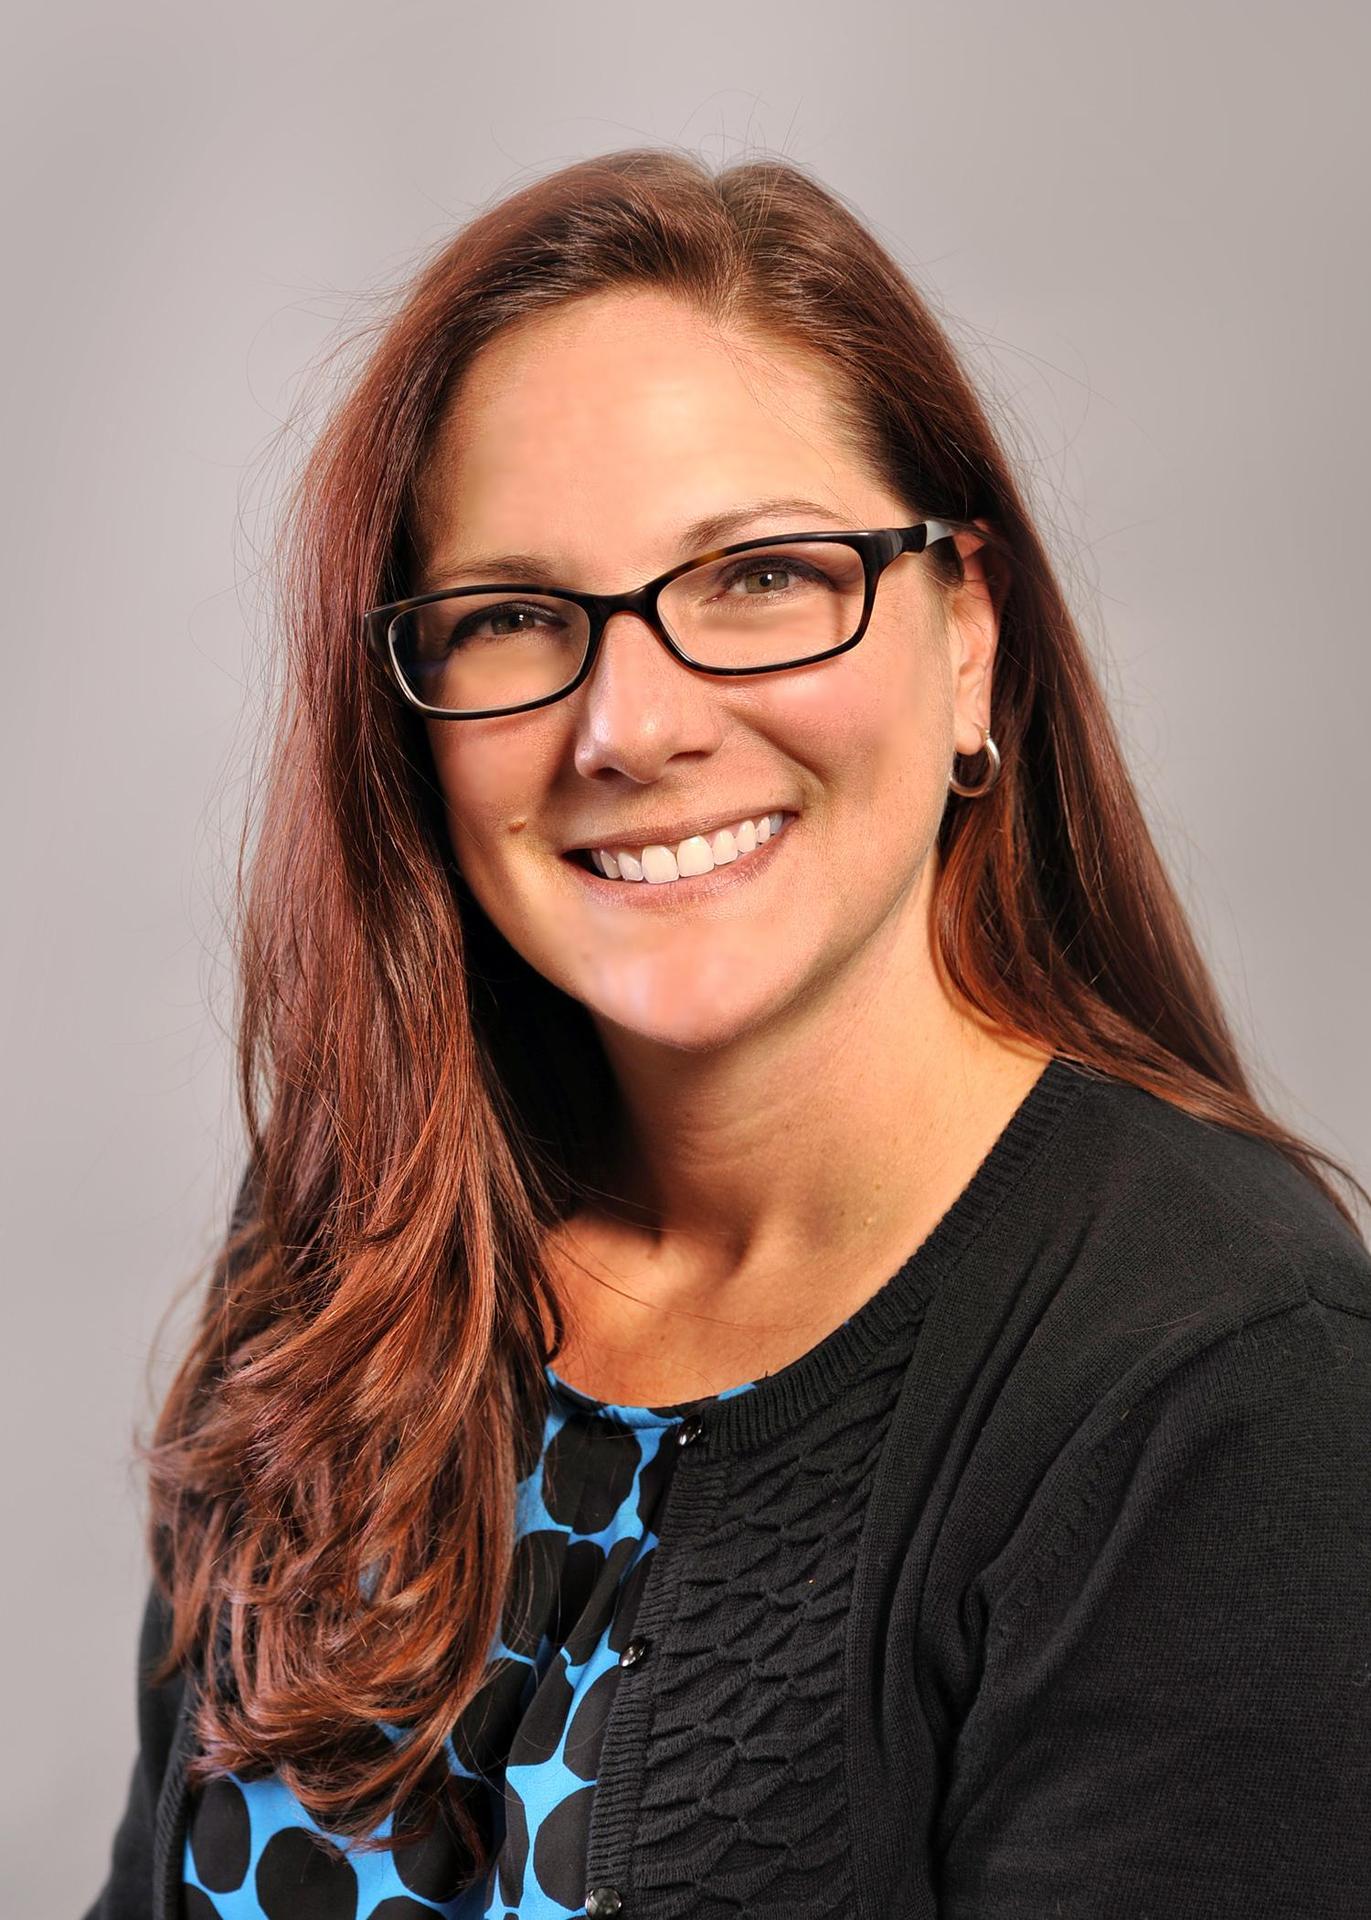 Lori Wilkie